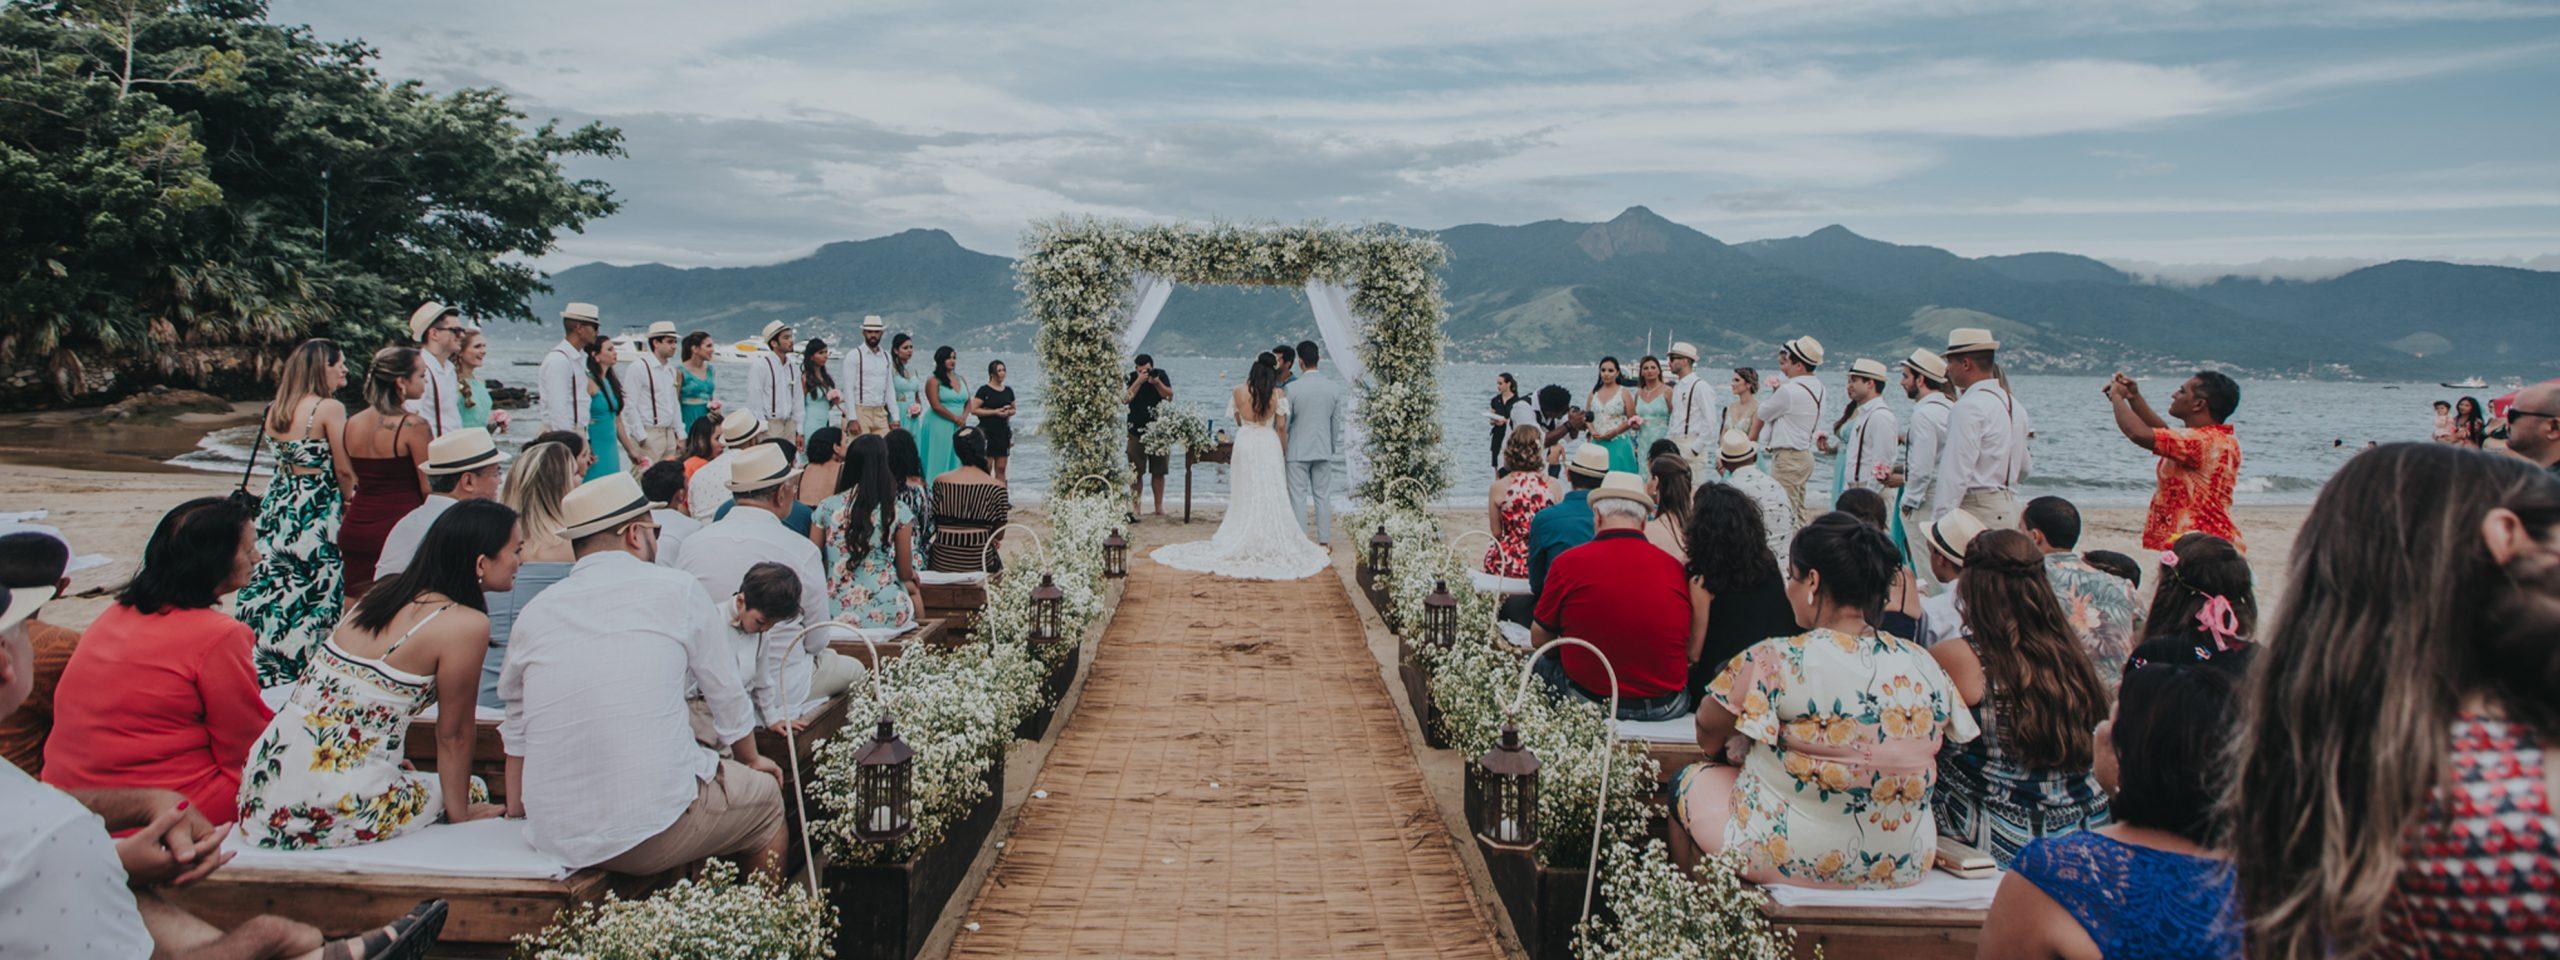 Espaço Para Casamentos na Praia São Paulo